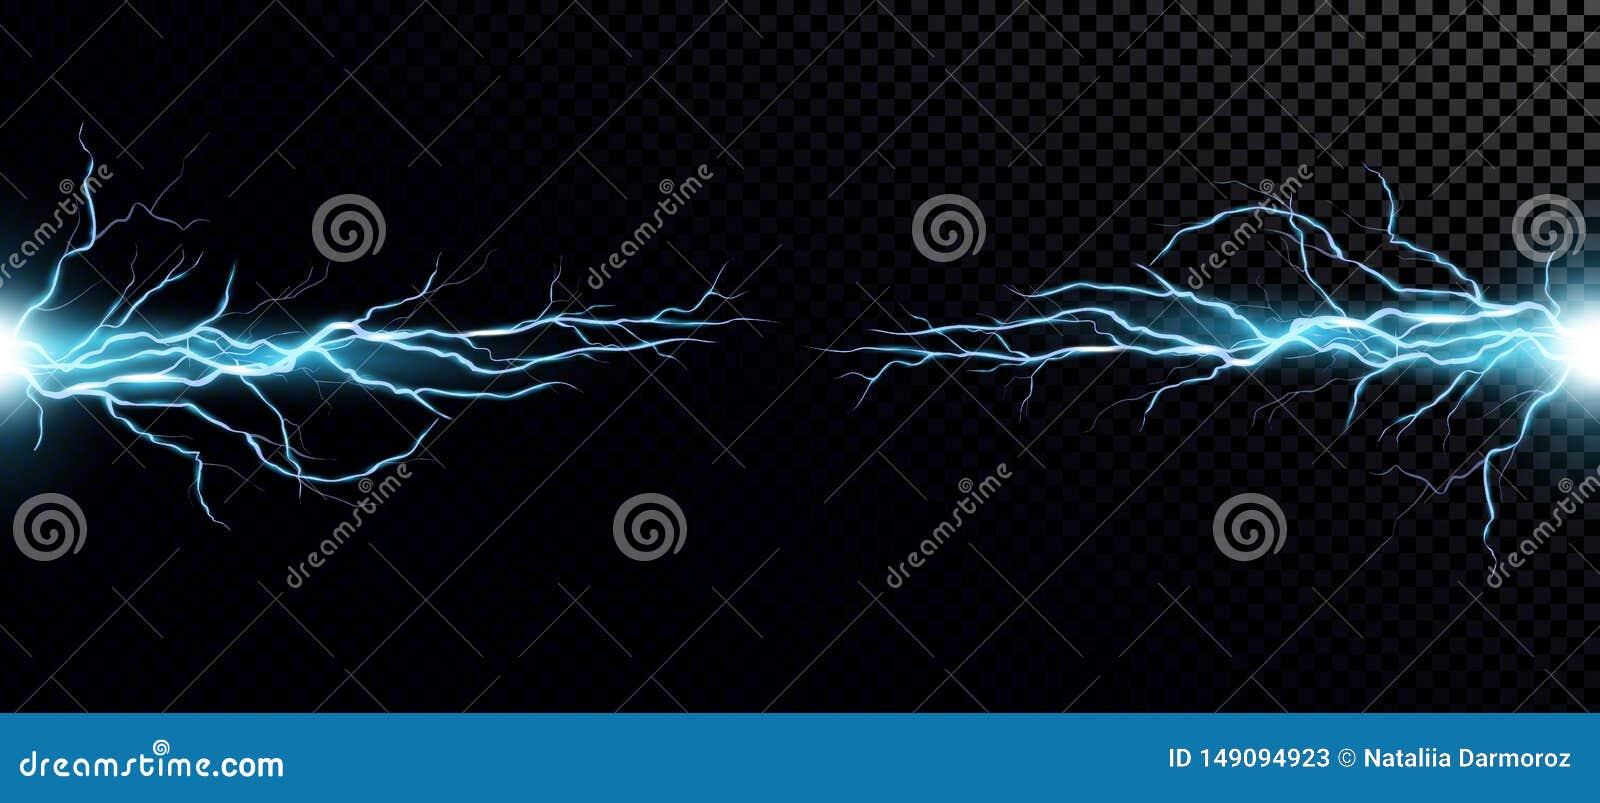 Иллюстрация вектора столкновения 2 сил с голубым светом